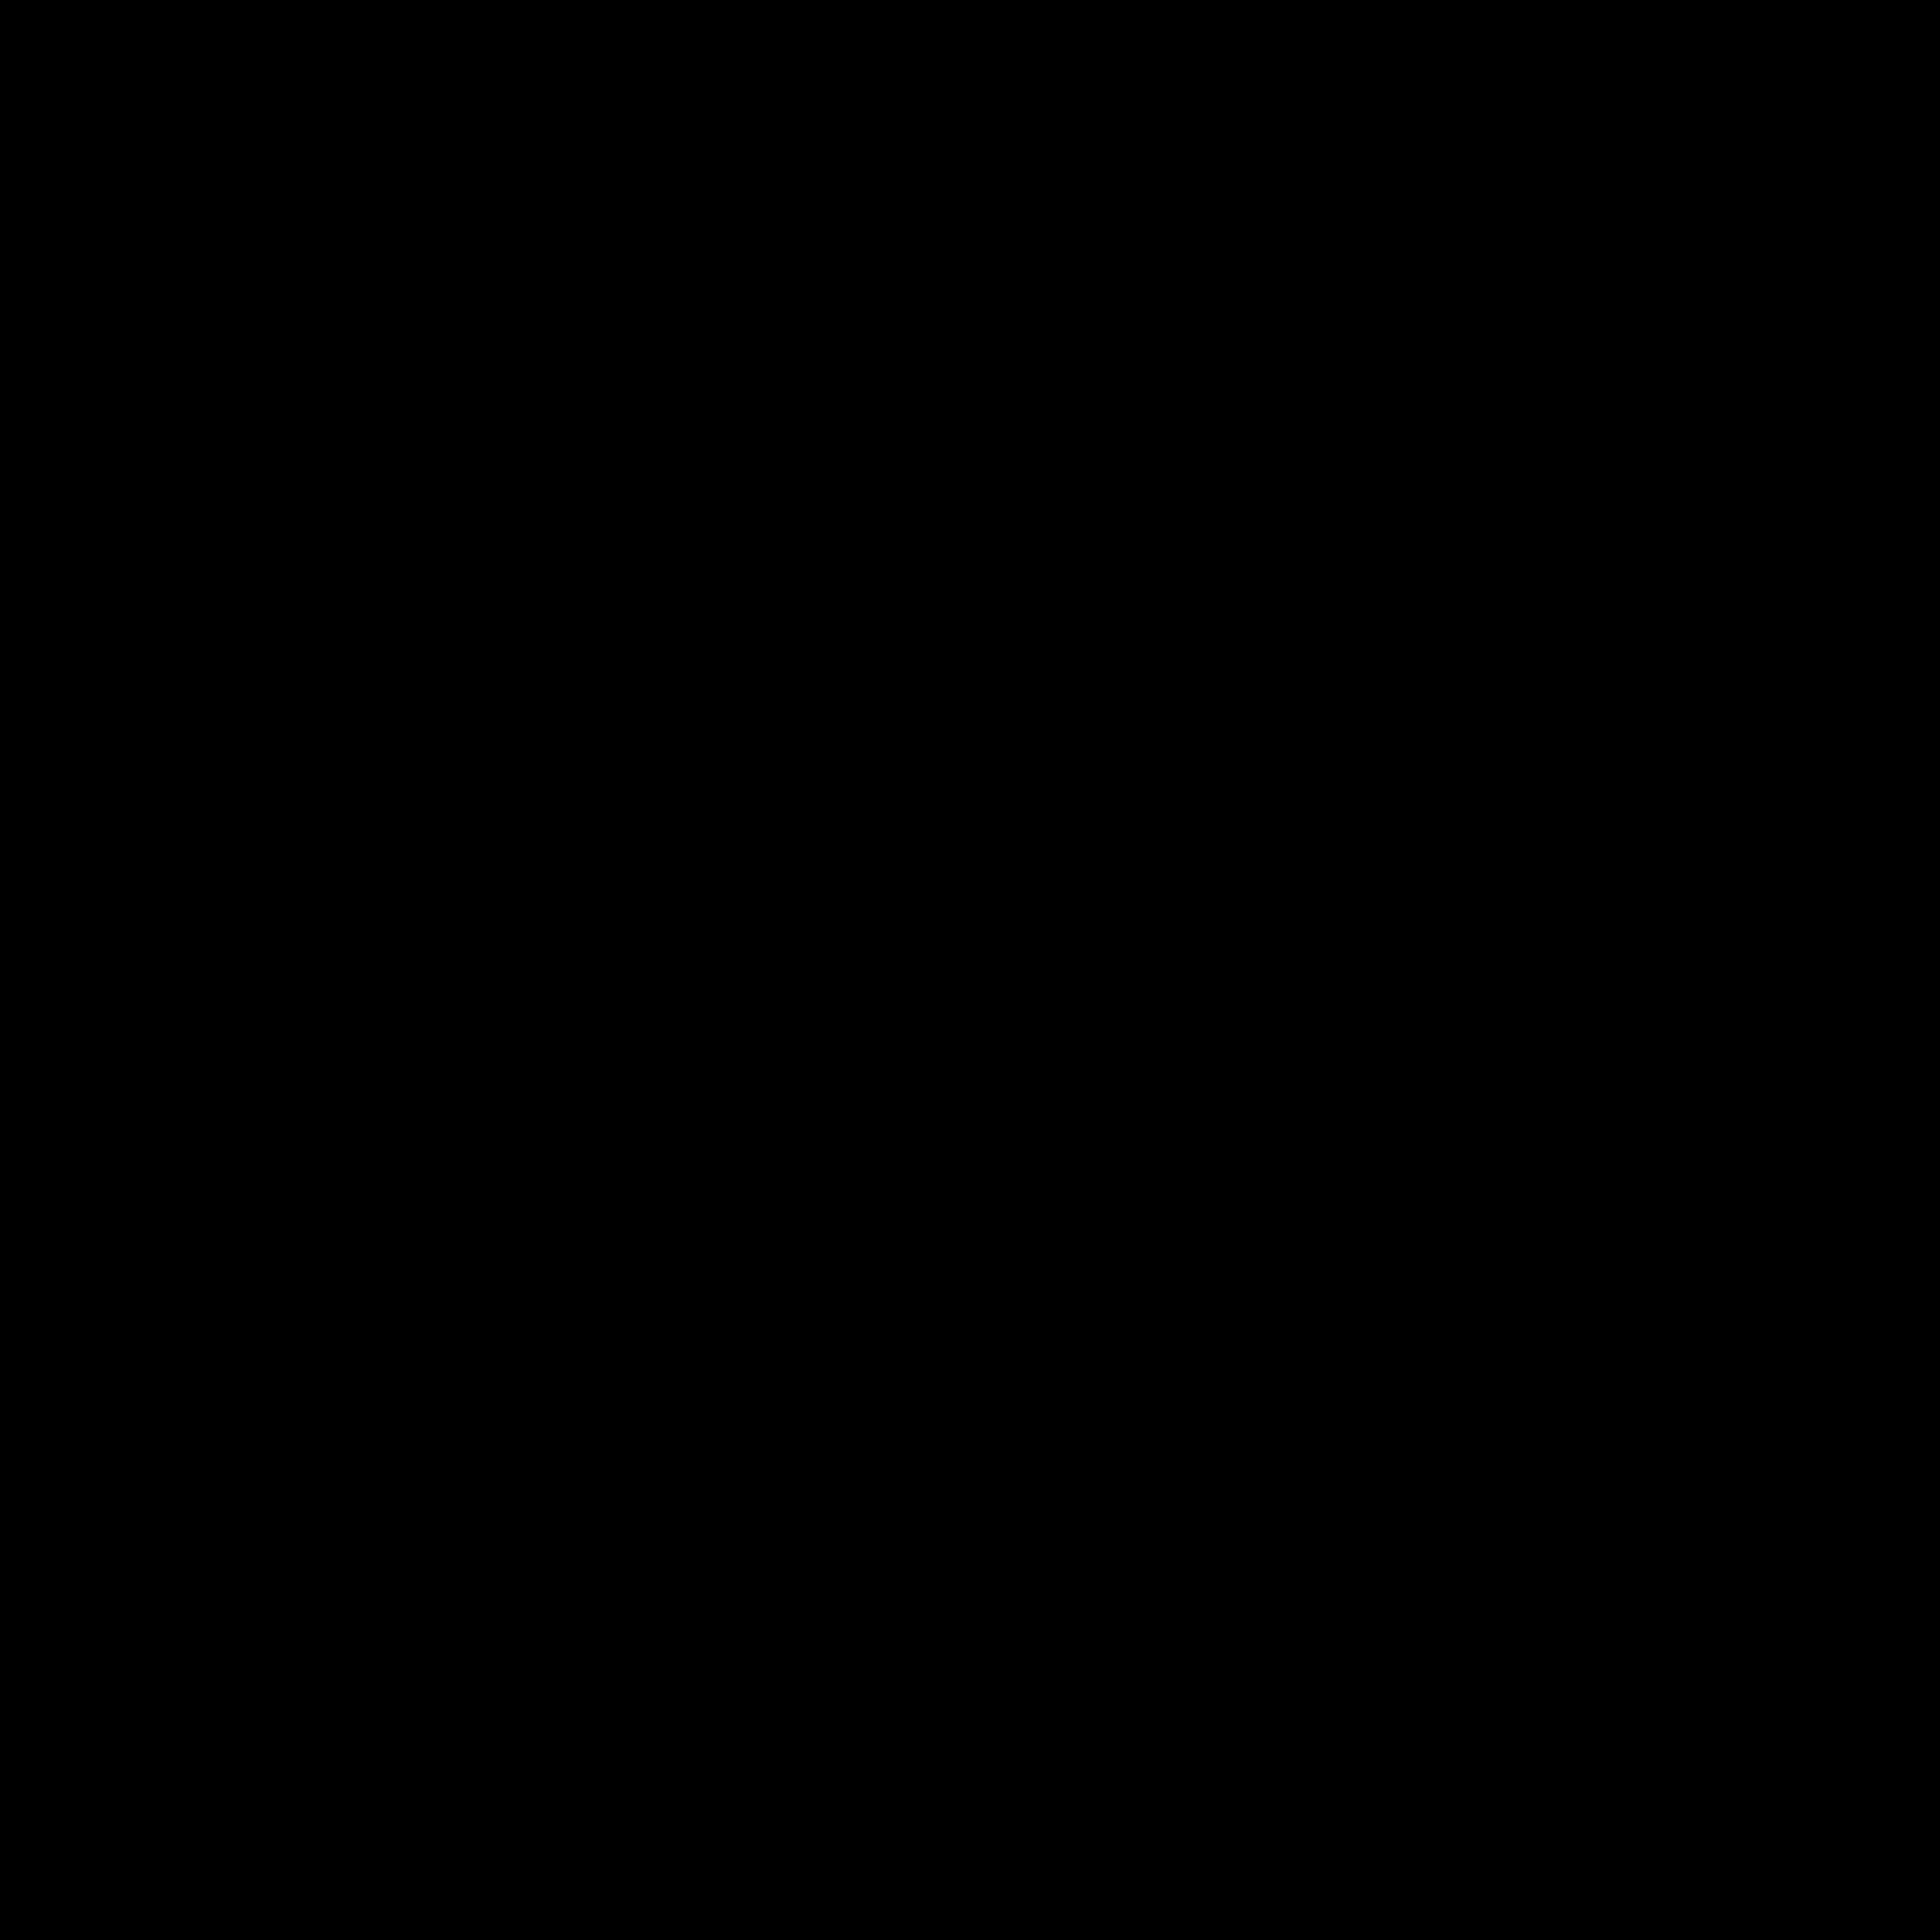 Artengo Badmintonracket BR900 Artengo Ultra Lite S voor volwassenen blauw